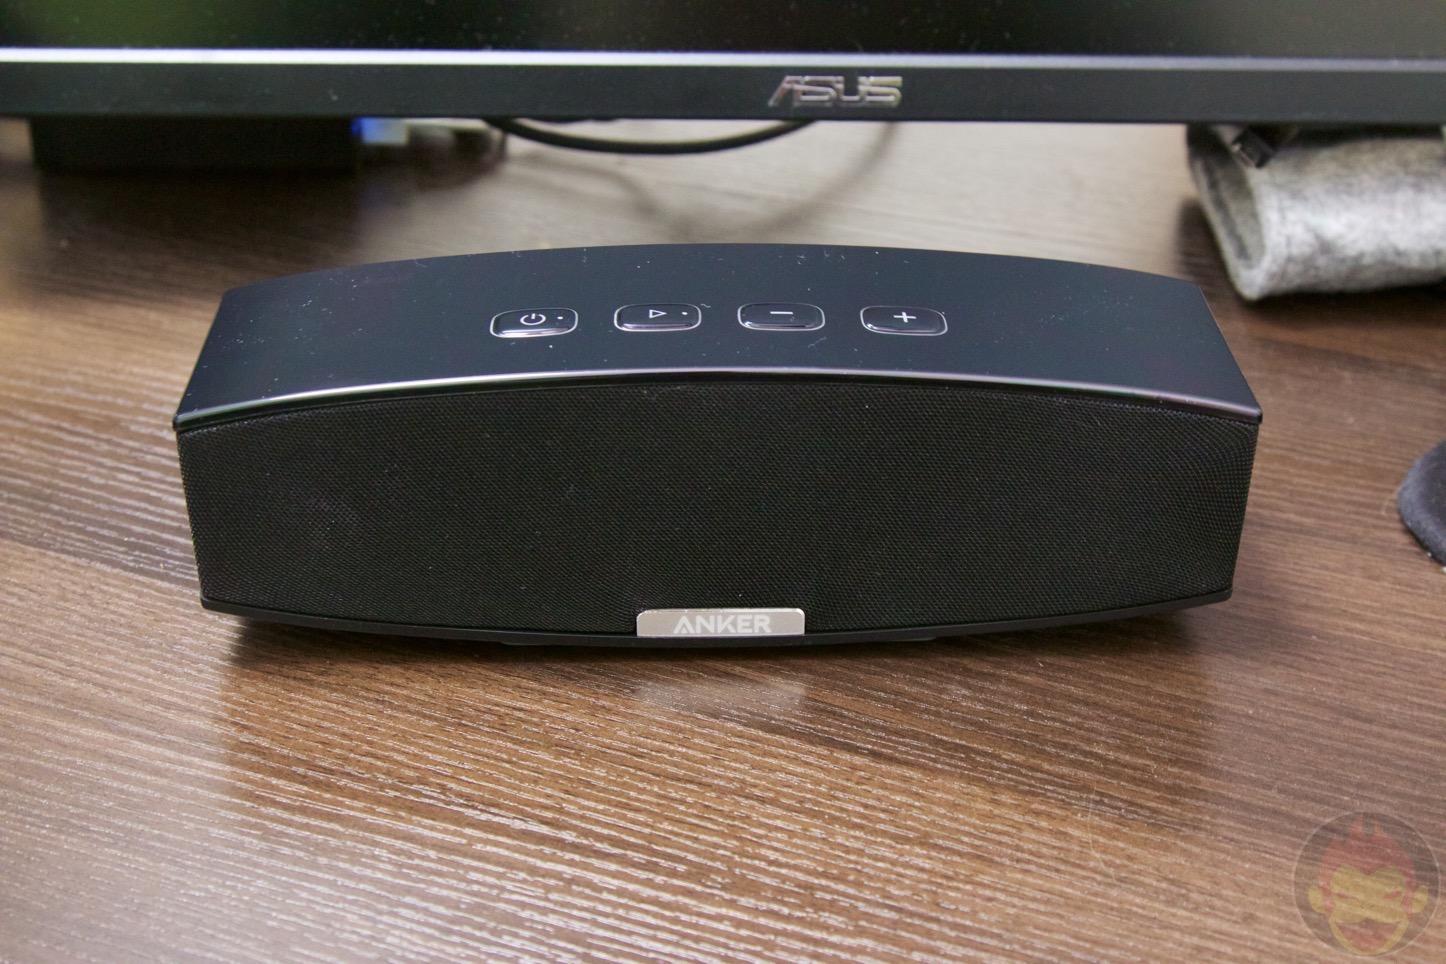 Anker-Premium-Stereo-Bluetooth-Speaker-02.jpg